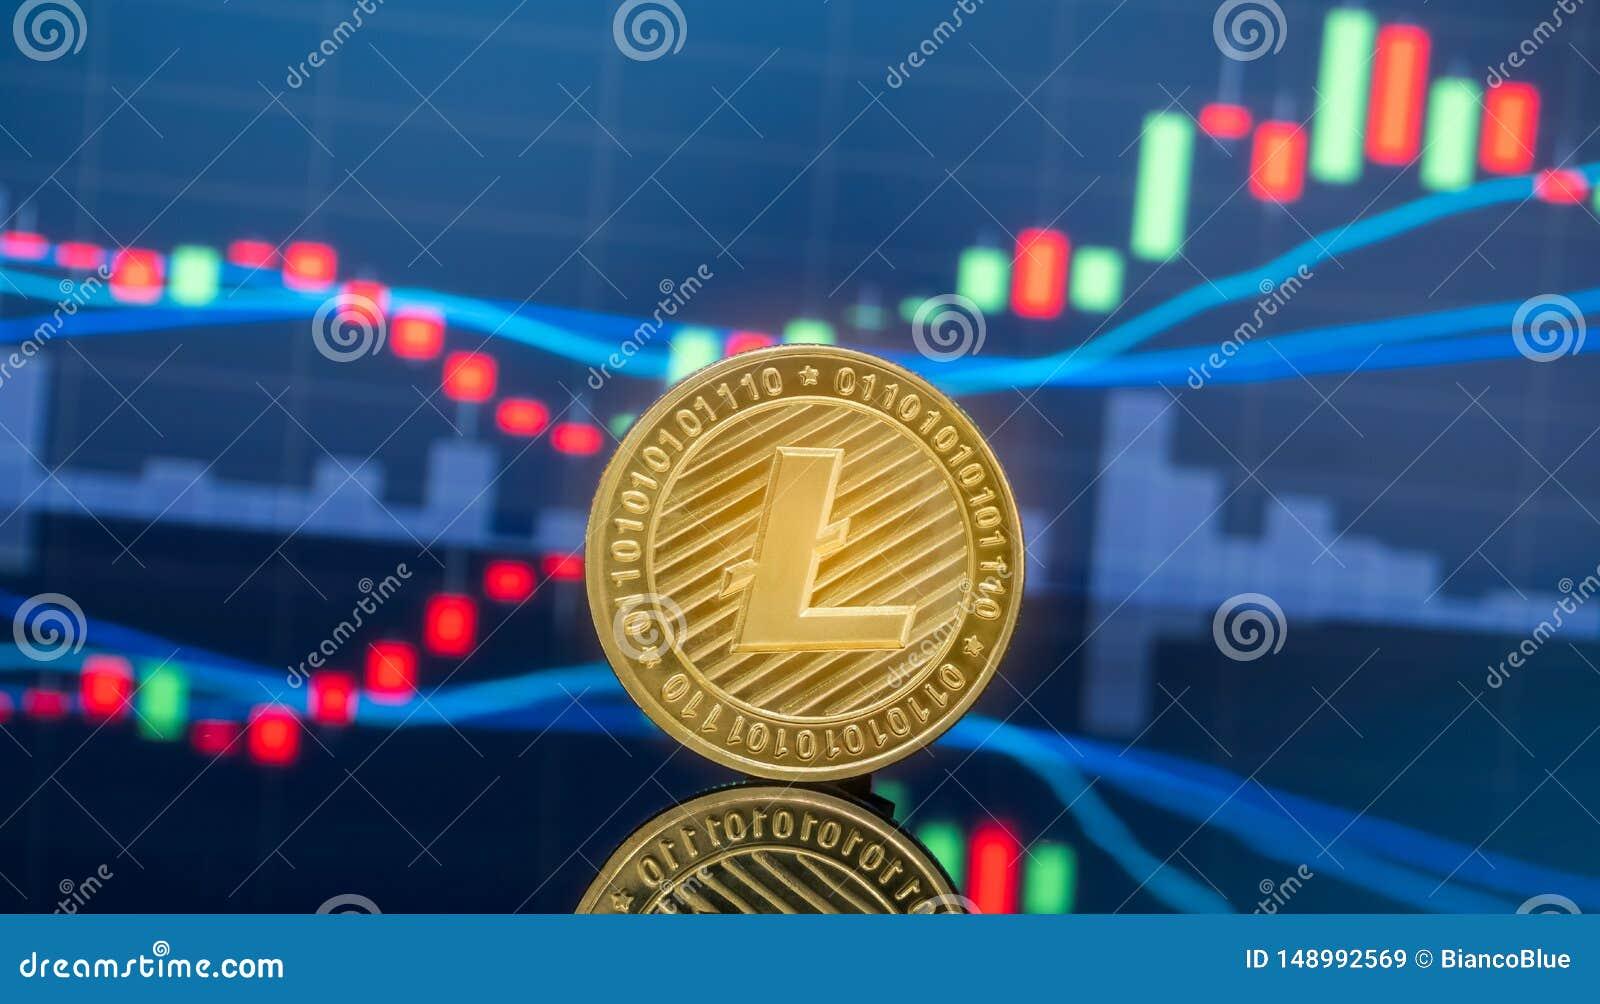 cryptocurrency price ltc